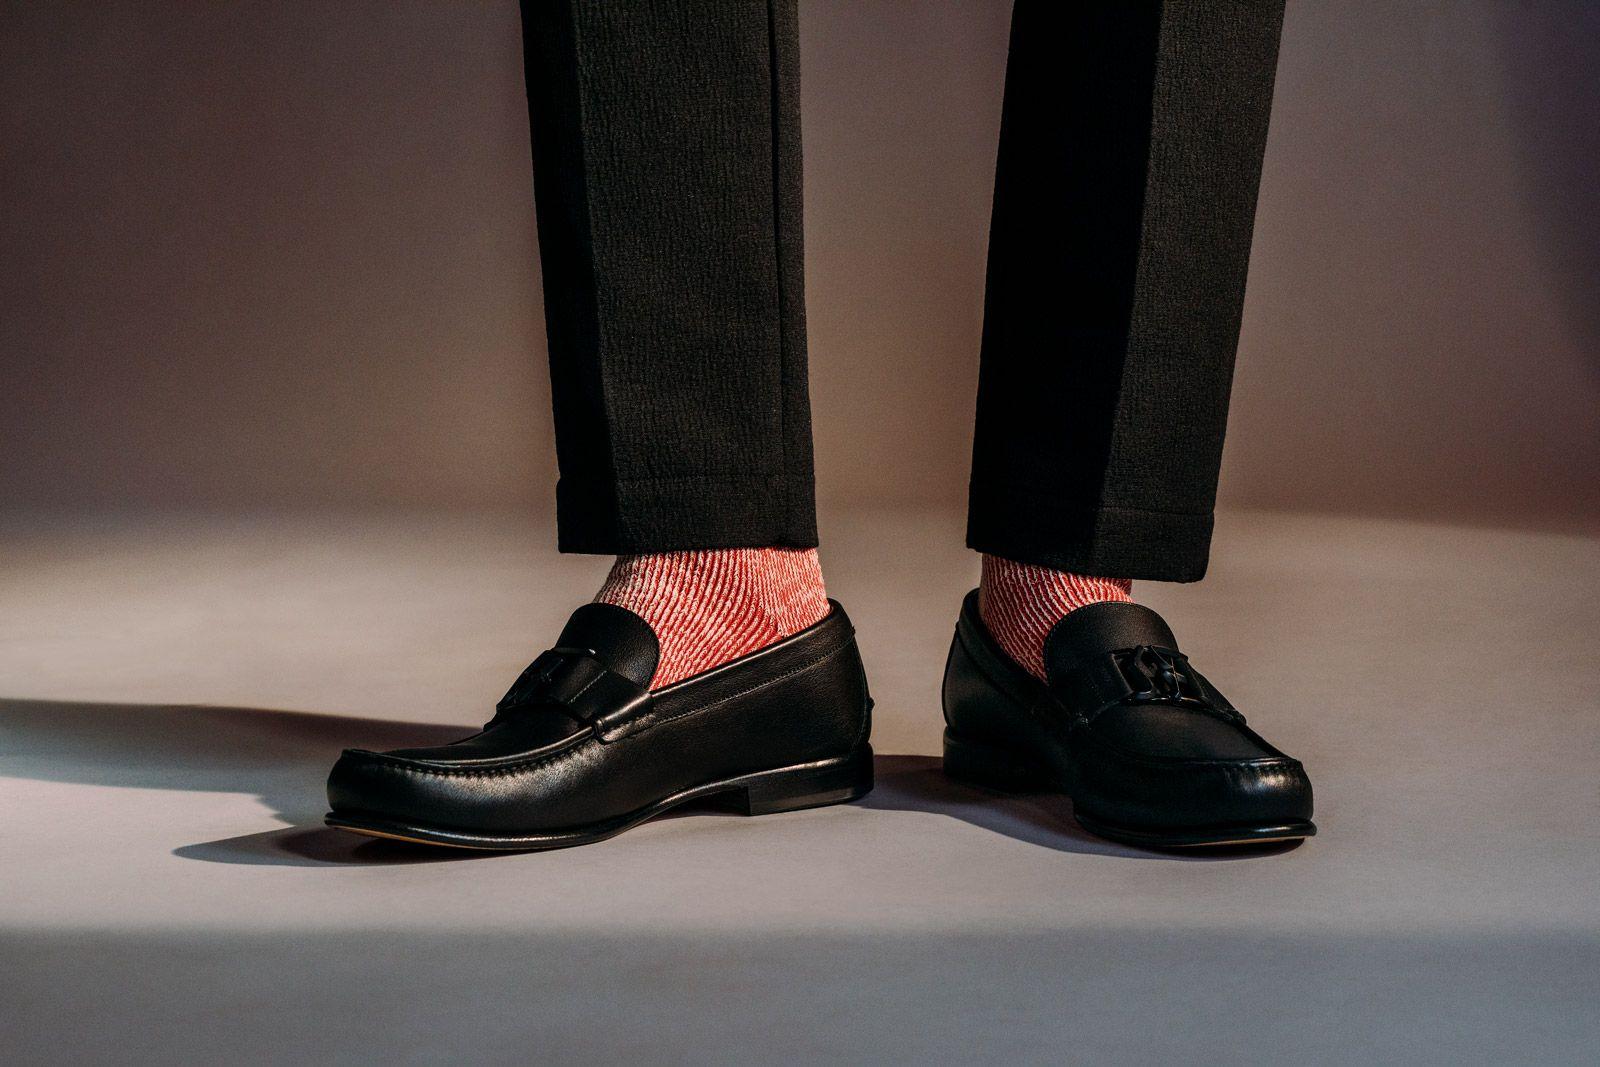 ferragamo-footwear-style-guide-main